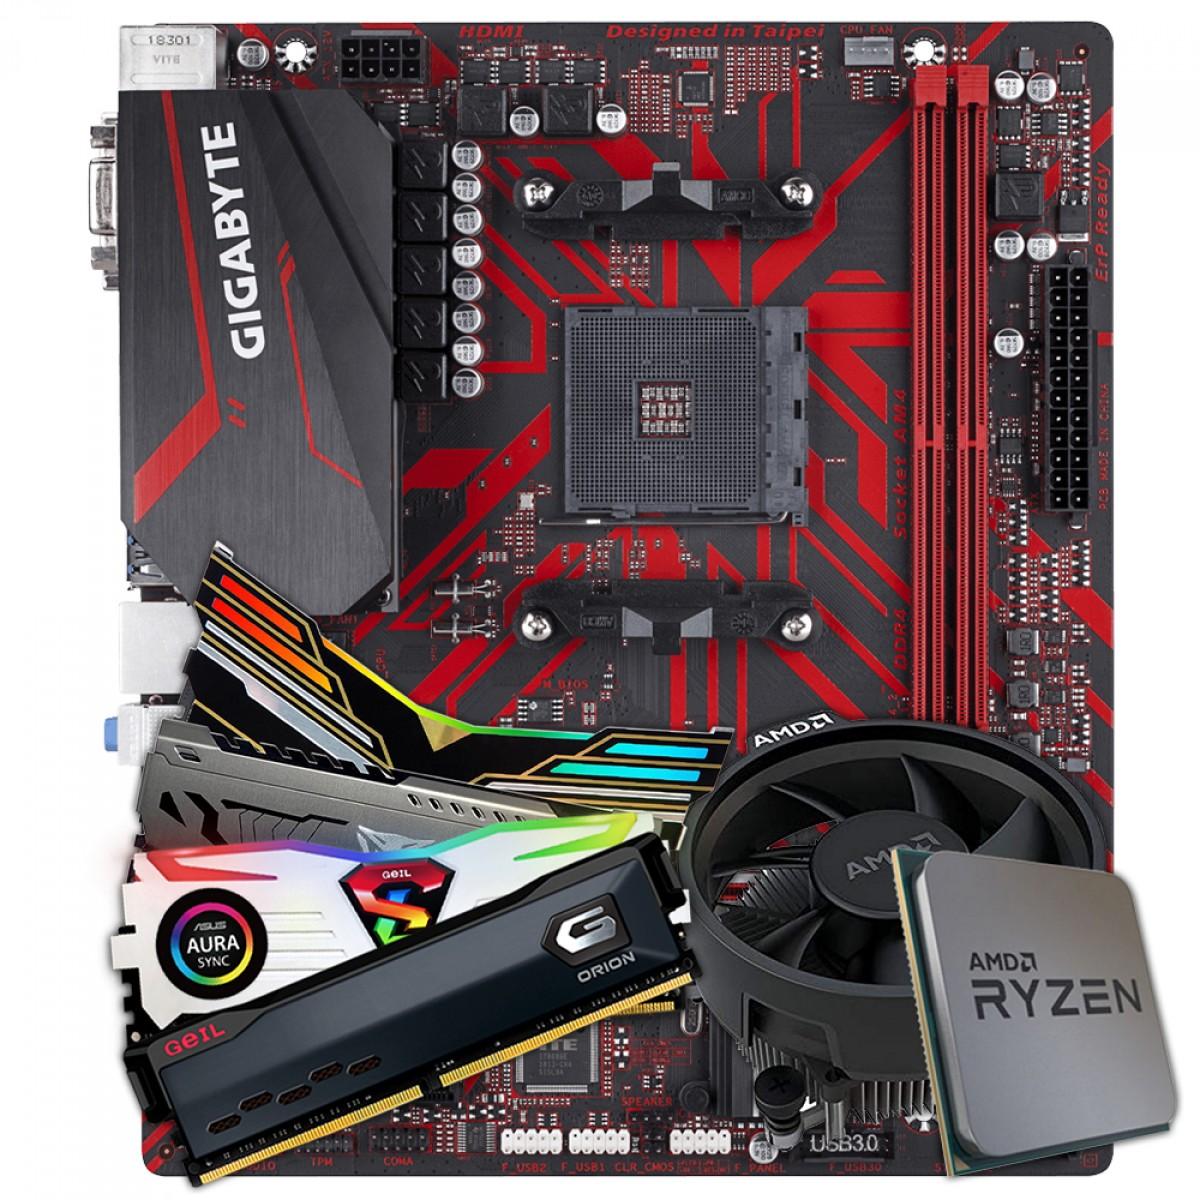 Kit Upgrade  GIGABYTE B450M GAMING +  AMD Ryzen 5 3400G 3.7GHz +  DDR4 8GB 2666MHZ